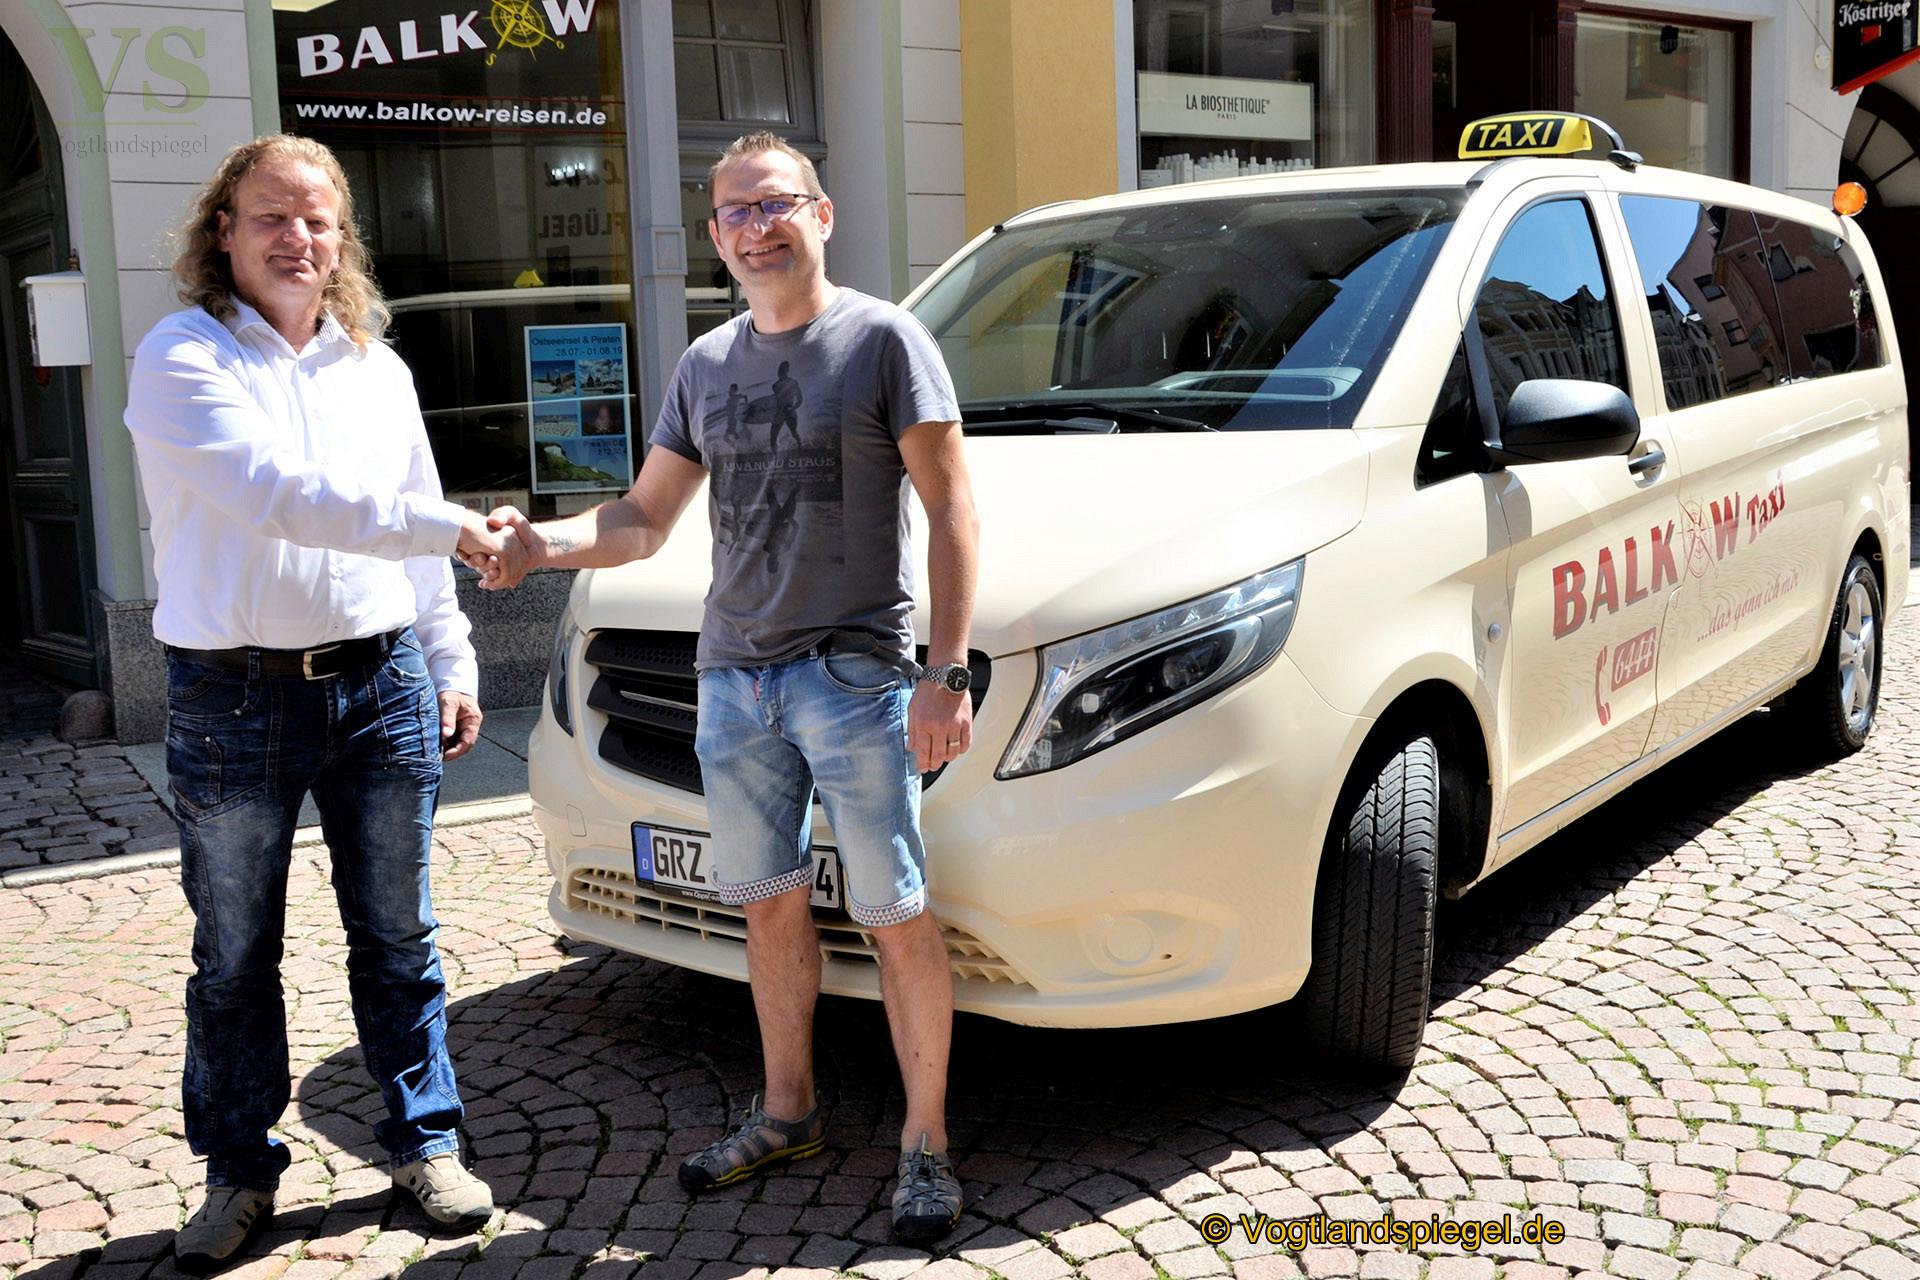 Handschlag zwischen Bernd Balkow (l.) und Matthias Wachter.